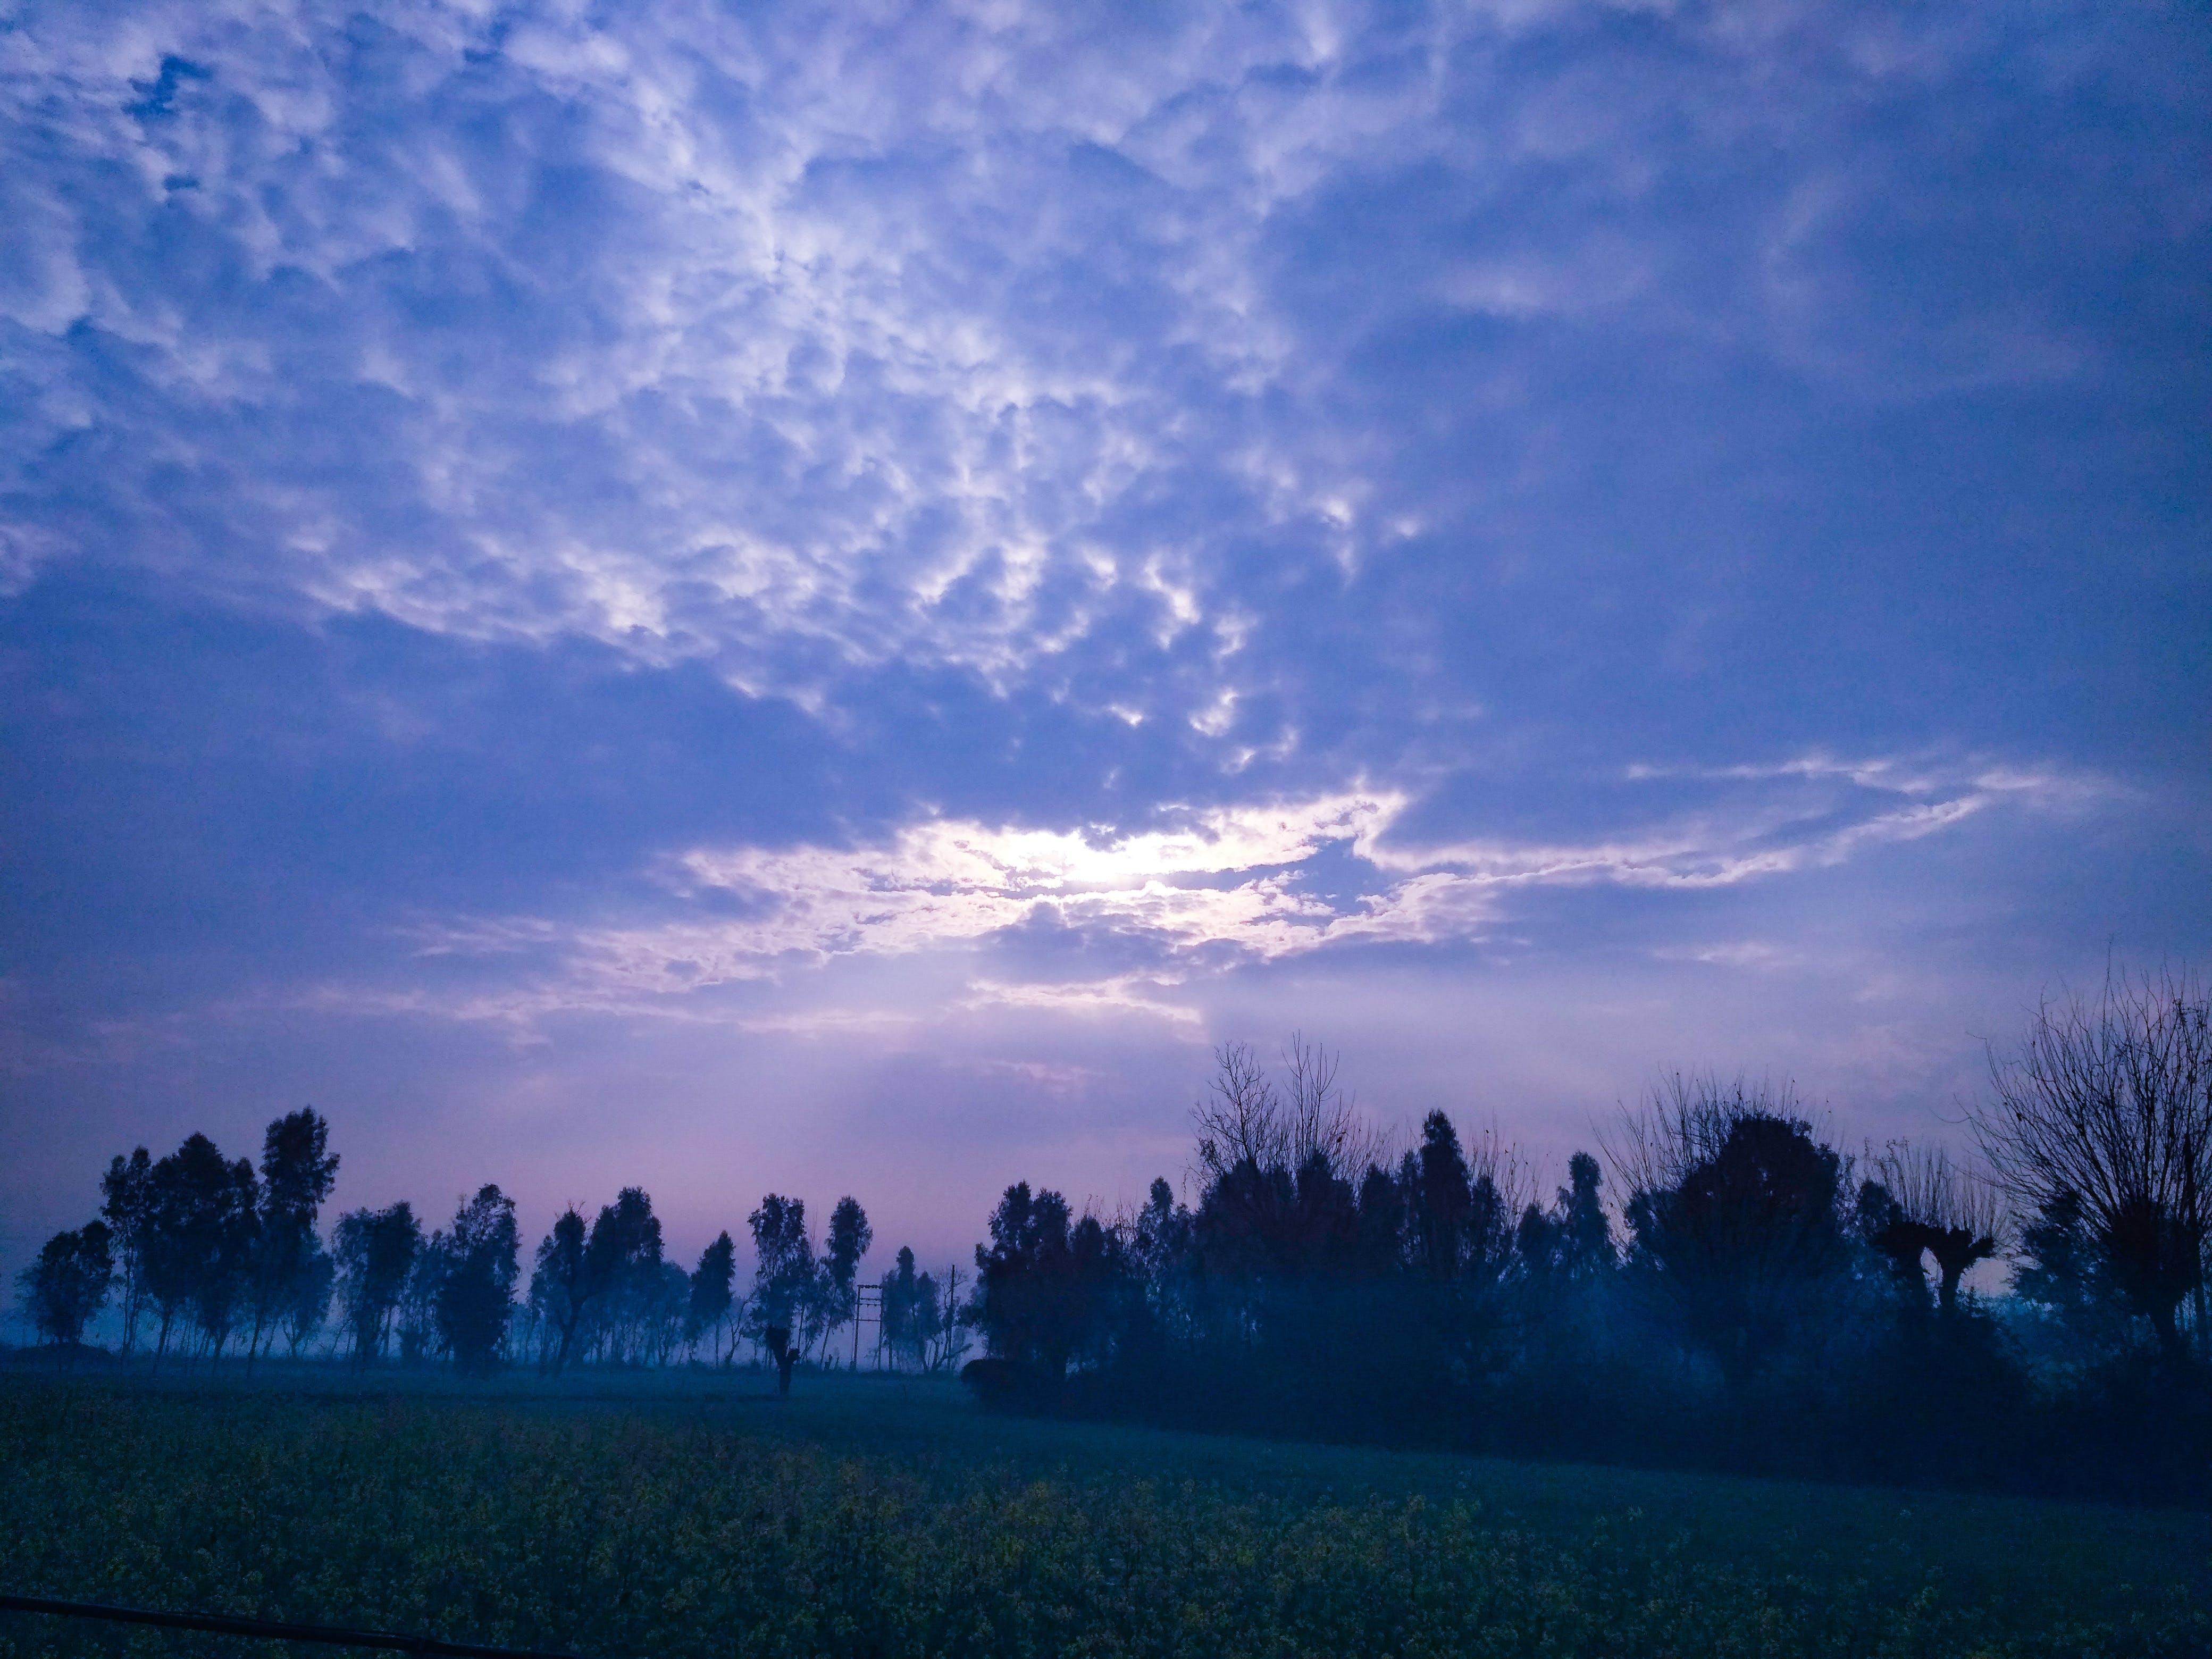 Photos gratuites de fond d'écran nature, fond de nature, nature, photo de nature